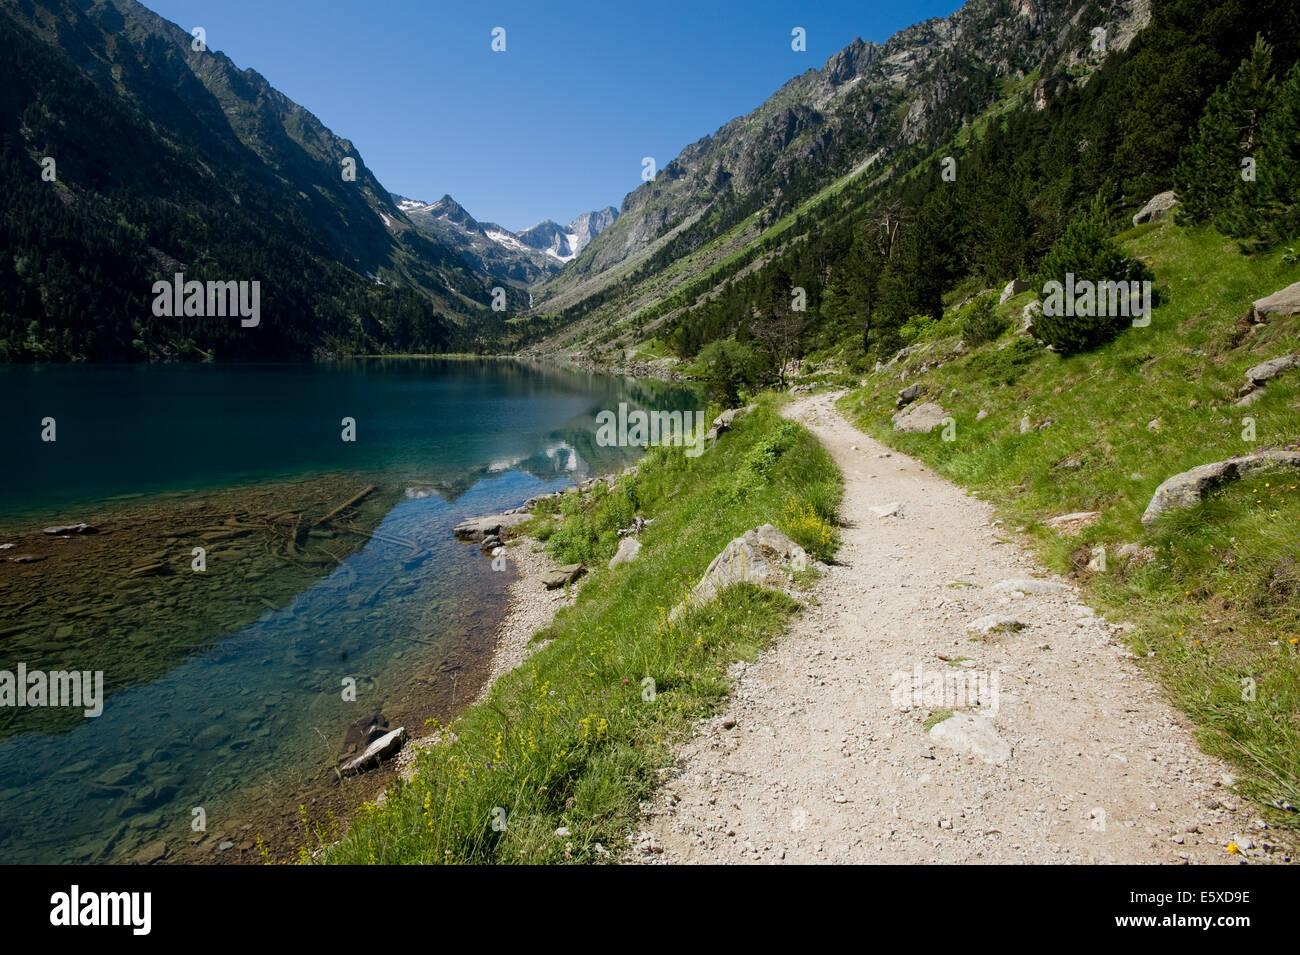 Il sentiero accanto al lago, Lac de Gabe, nella valle del Gave de Gaube, Cauterets, Francia. Immagini Stock